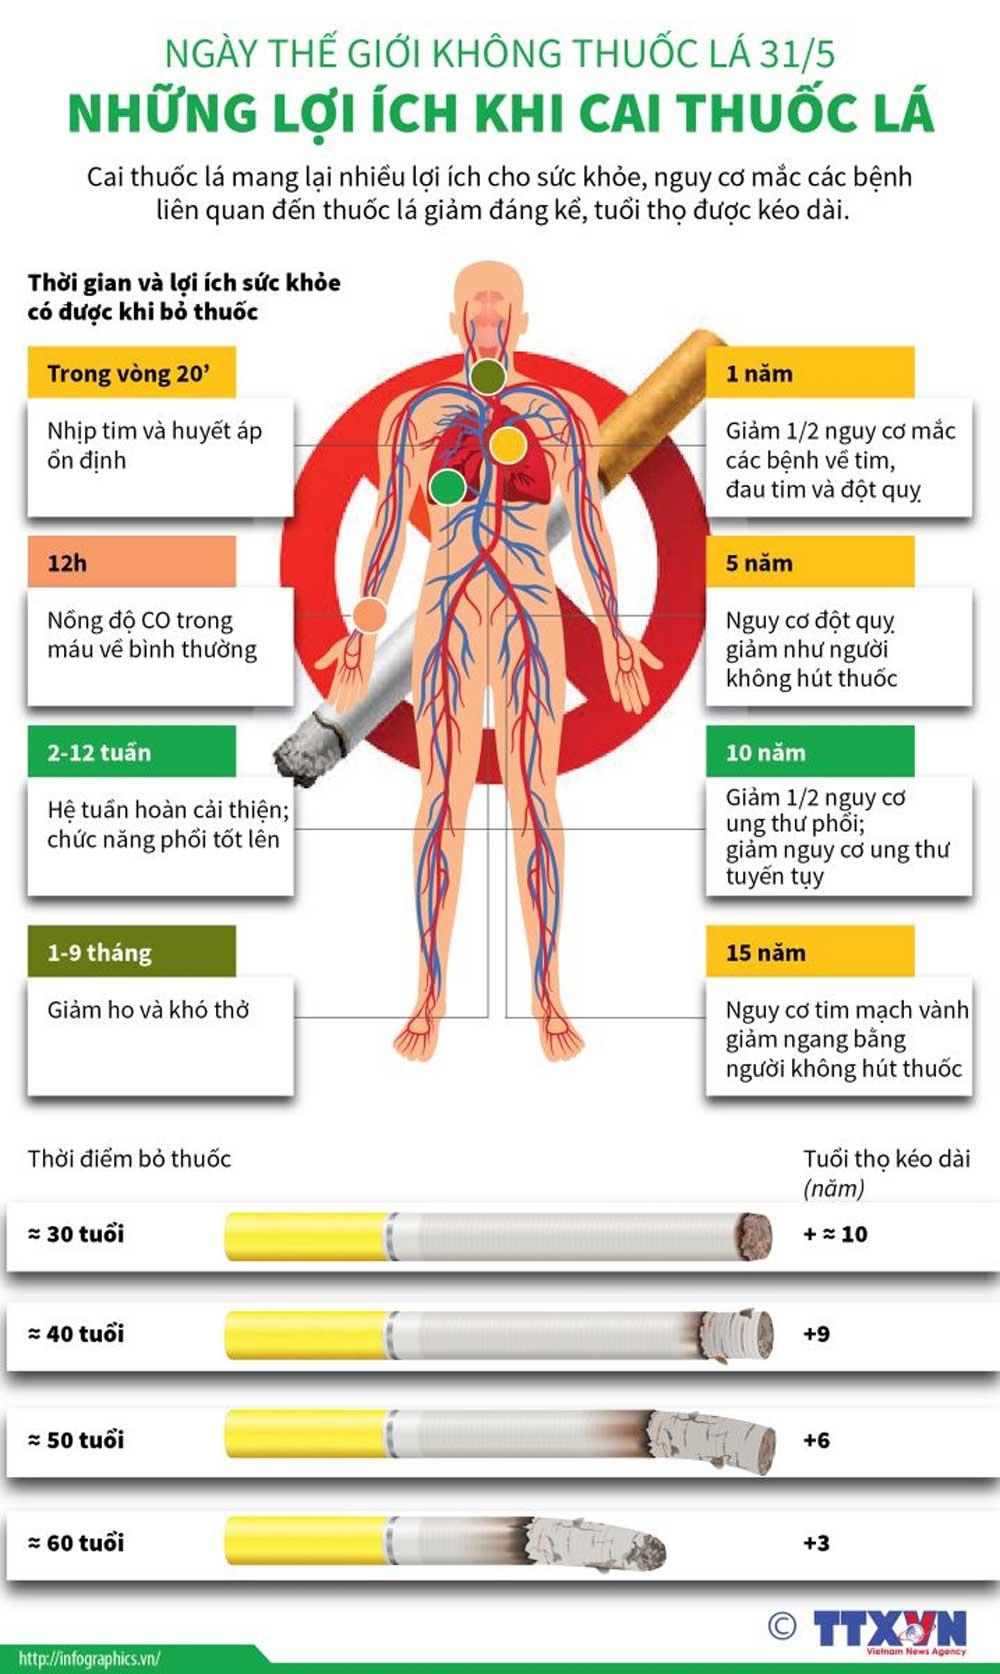 Ngày thế giới không thuốc lá 31/5, những lợi ích, khi cai thuốc lá, tuổi thọ được kéo dài, giảm nguy cơ mắc bệnh